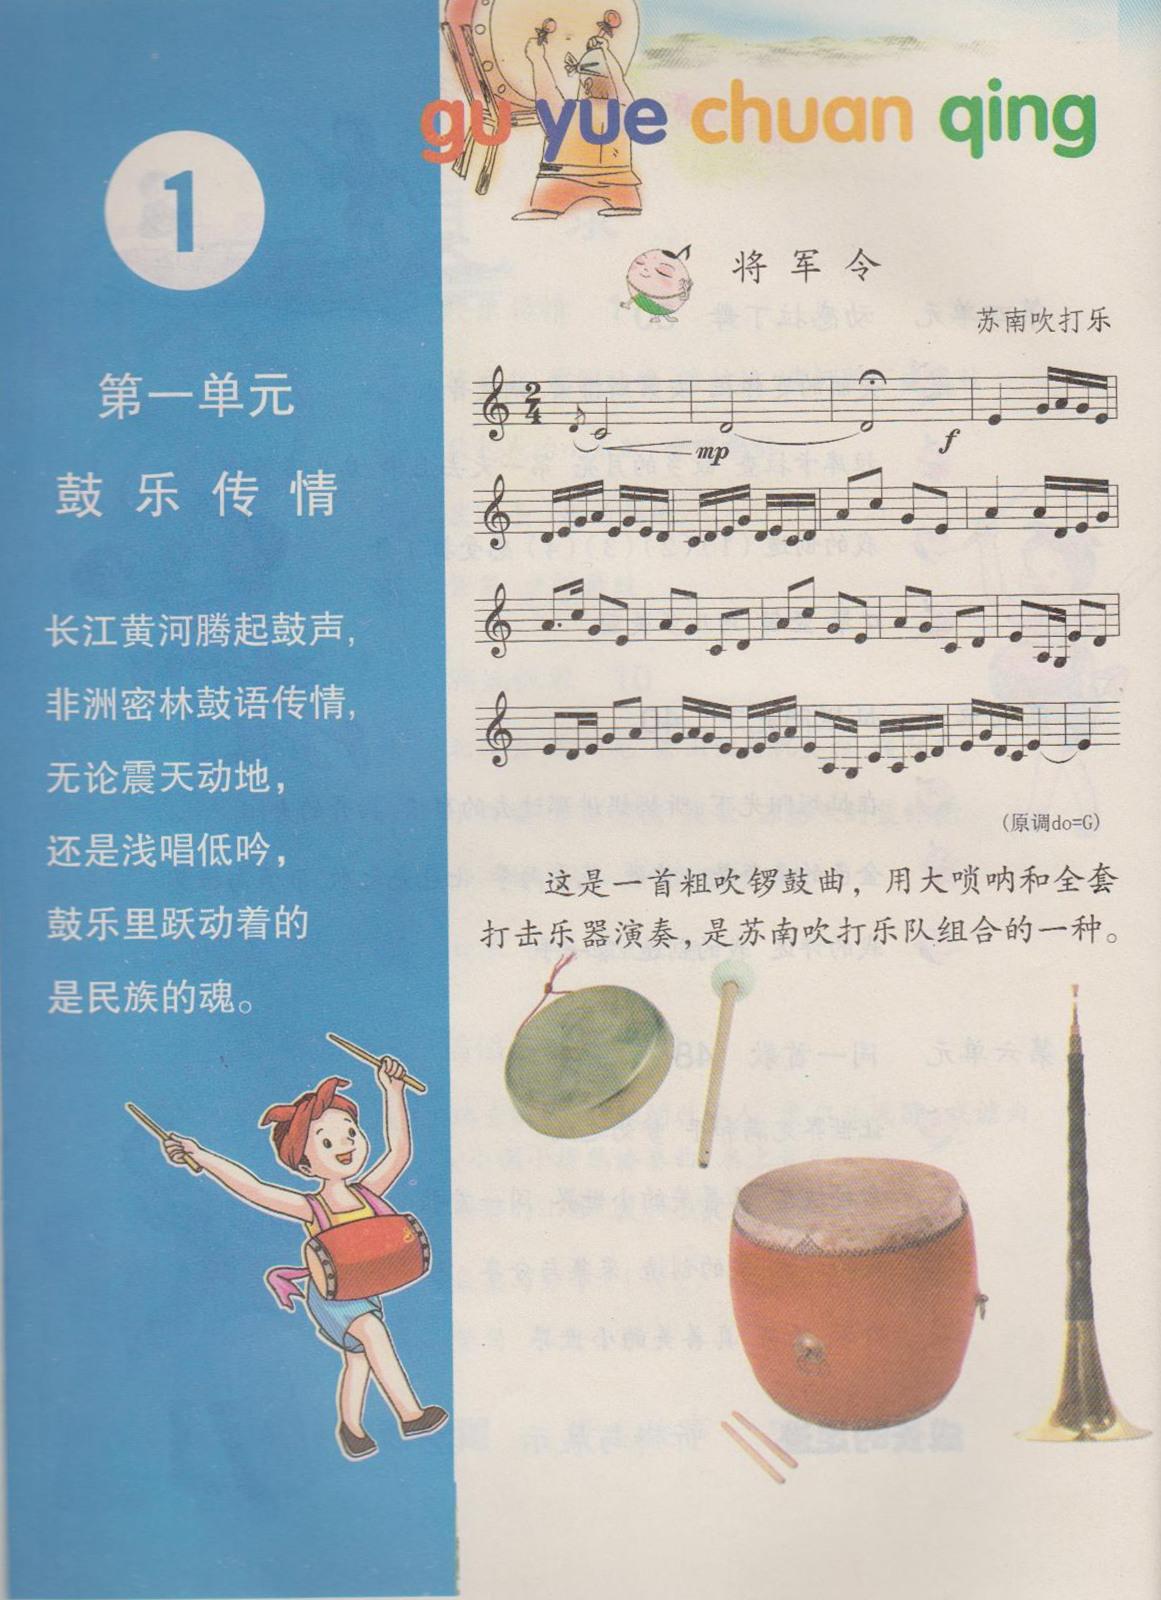 五年级下册音乐书目录图片